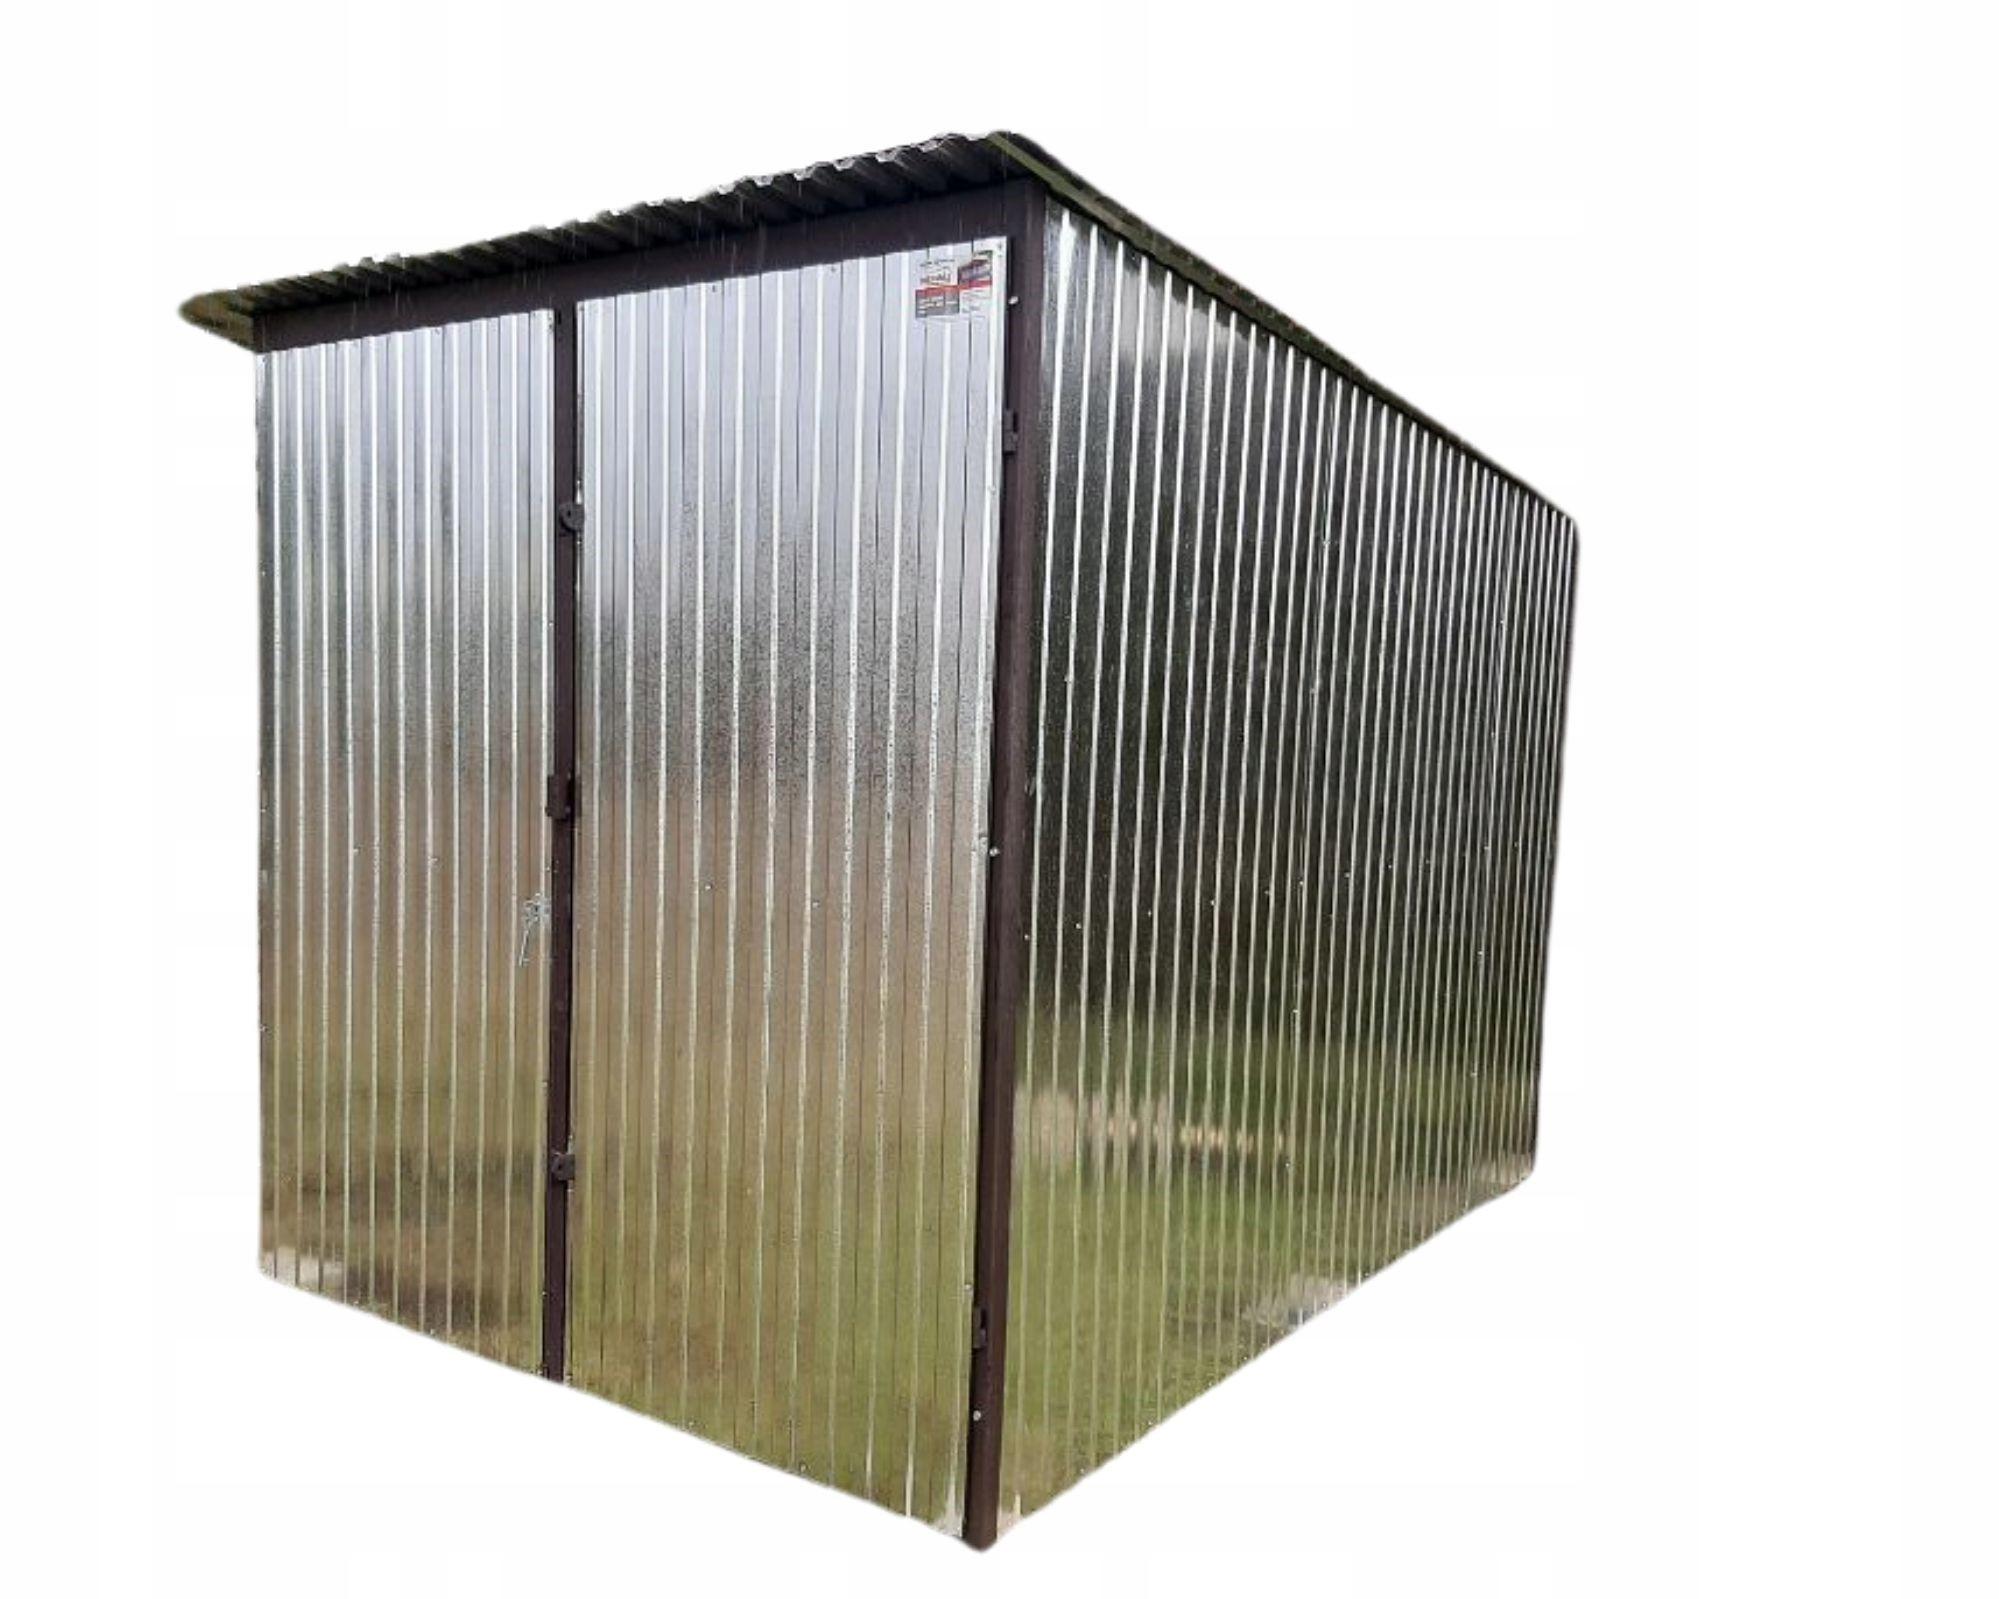 Строительные гаражи из оцинкованной стали Blaszak 2x3